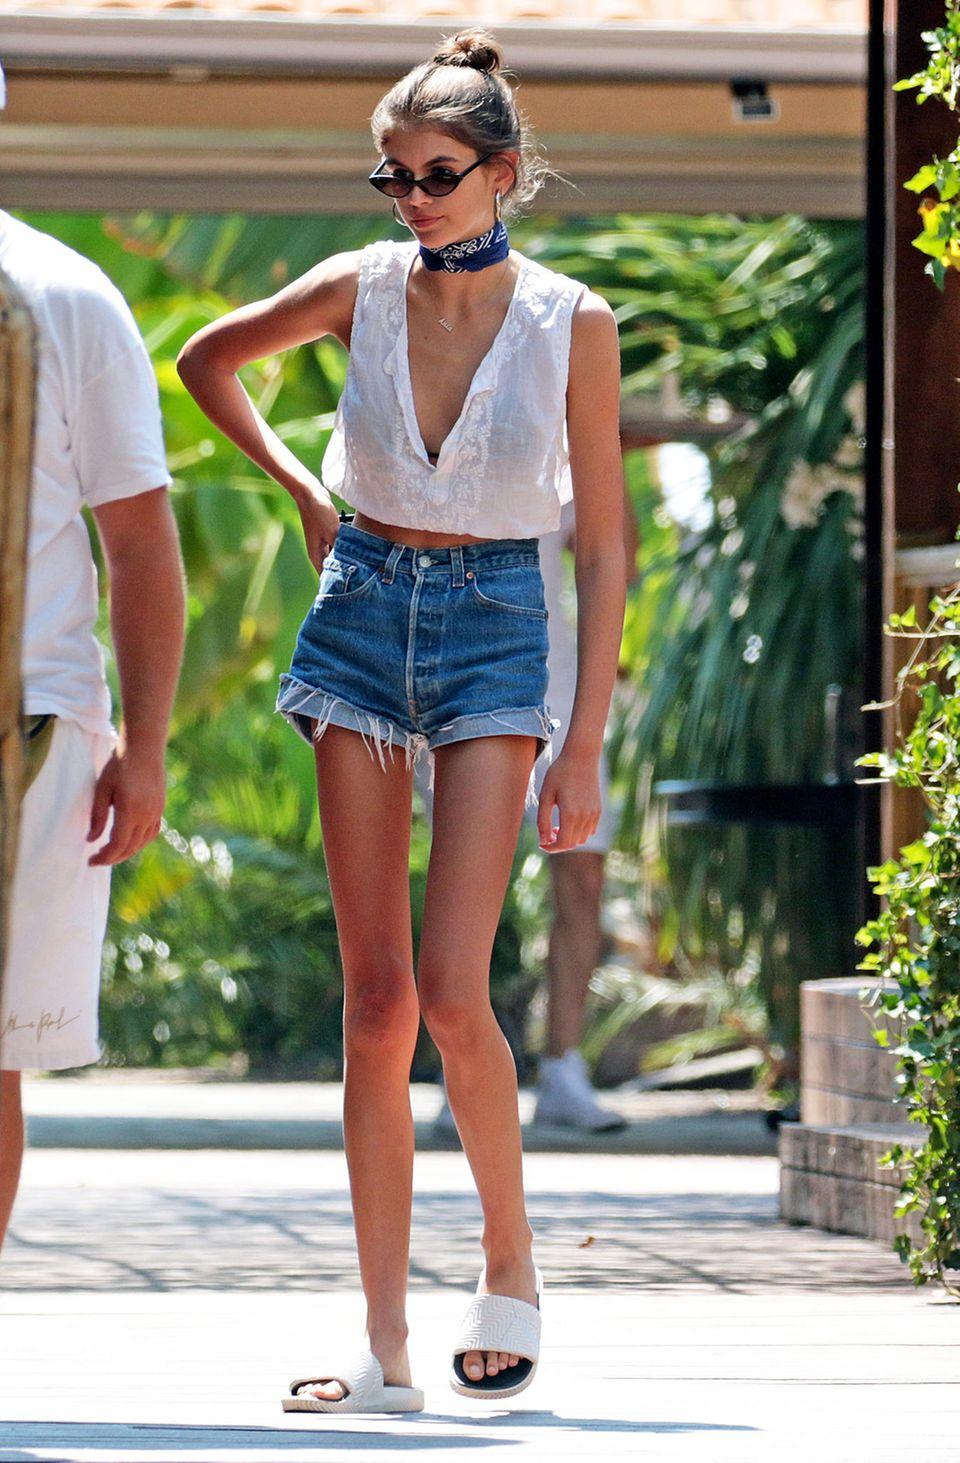 In Italien ist Nachwuchs-Model Kaia Gerber auf ganz dünnen Beinchen unterwegs. In knappen Jeansshorts und ärmellosem Top wird ihre zierliche Figur besonders betont.